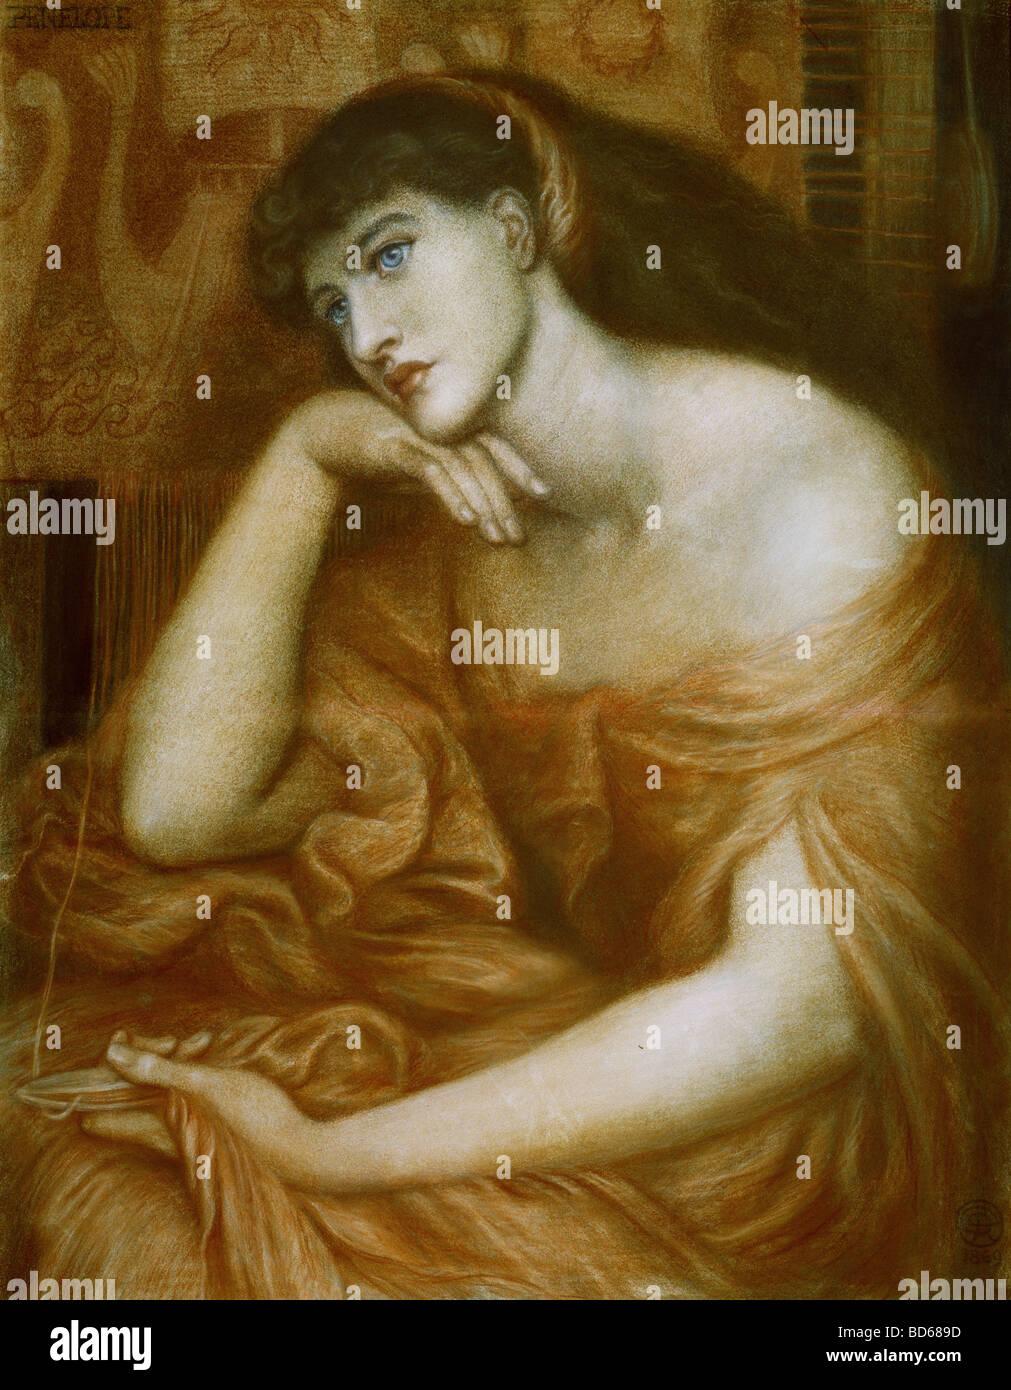 """Beaux-arts, Dante Gabriel Rossetti, (1828 - 1882), peinture, """"Penelope"""", huile sur toile, 1869, symbolisme, Photo Stock"""